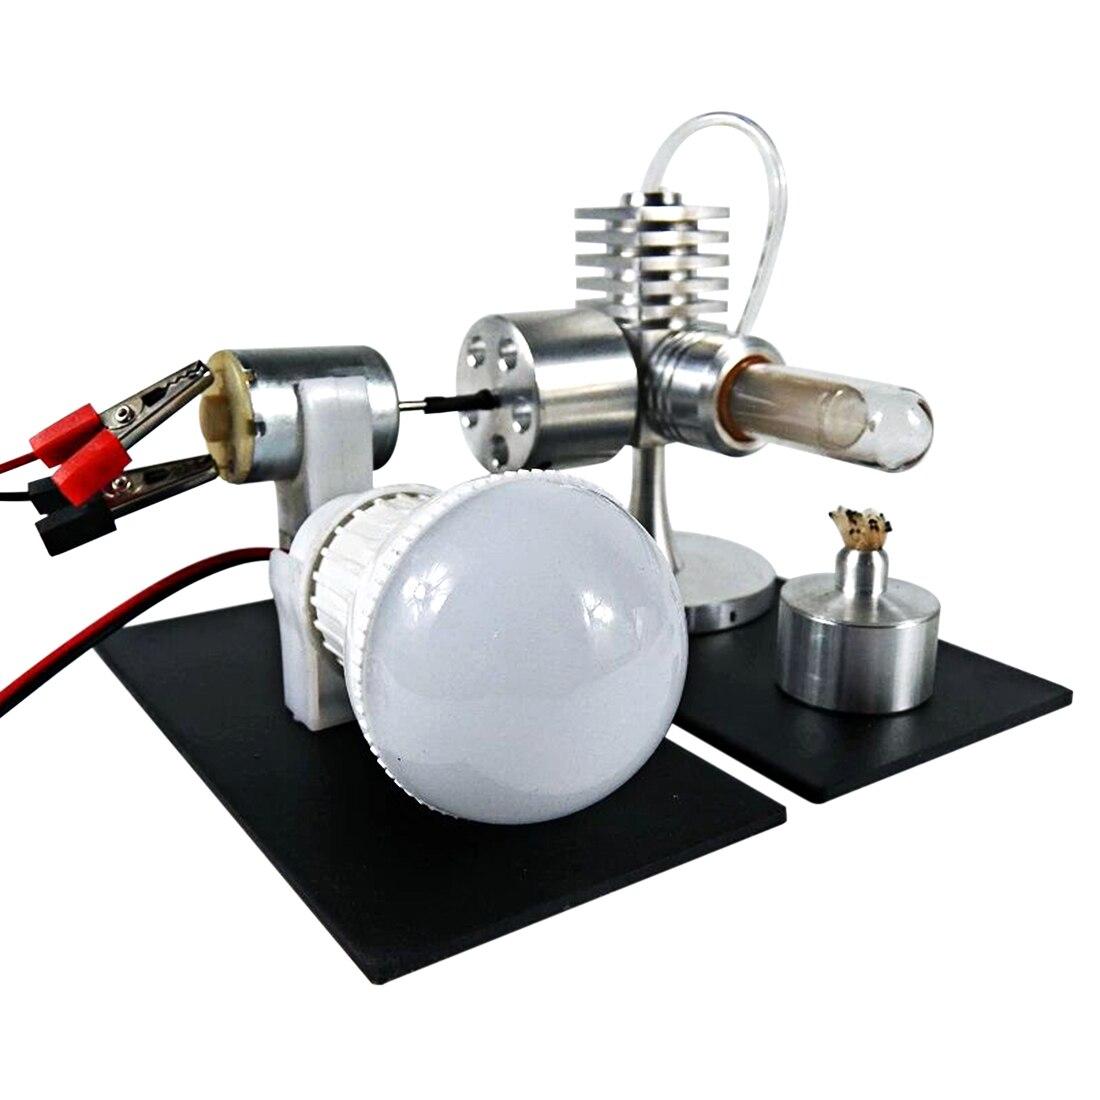 Jouet de modèle de moteur Stirling monocylindre poli tout en aluminium avec générateur et ampoule à LED jouets éducatifs cadeau pour enfants enfant